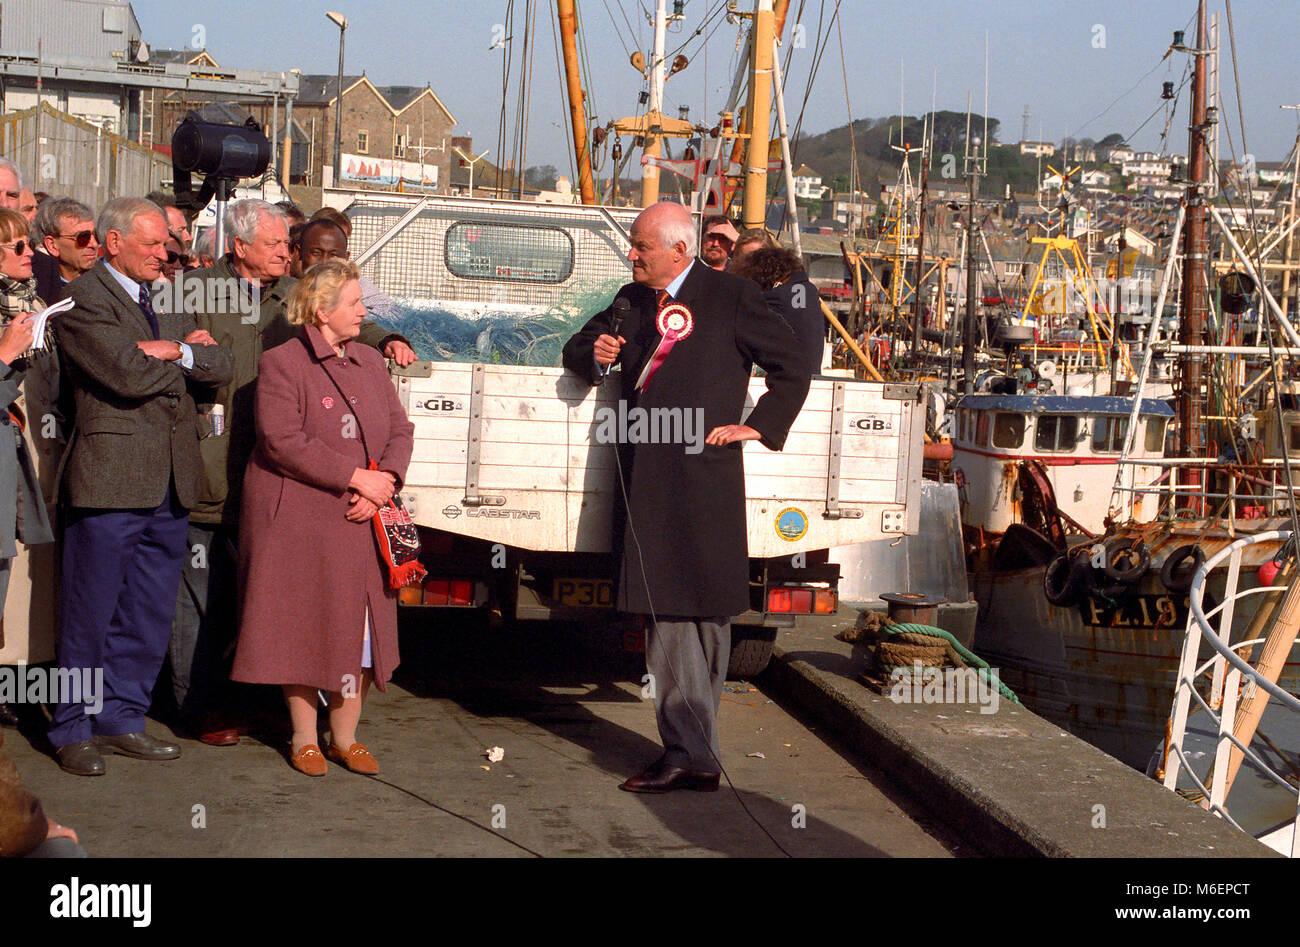 Partie d'un référendum. 1997 élections britanniques Sir James Goldsmith faisant campagne dans Photo Stock